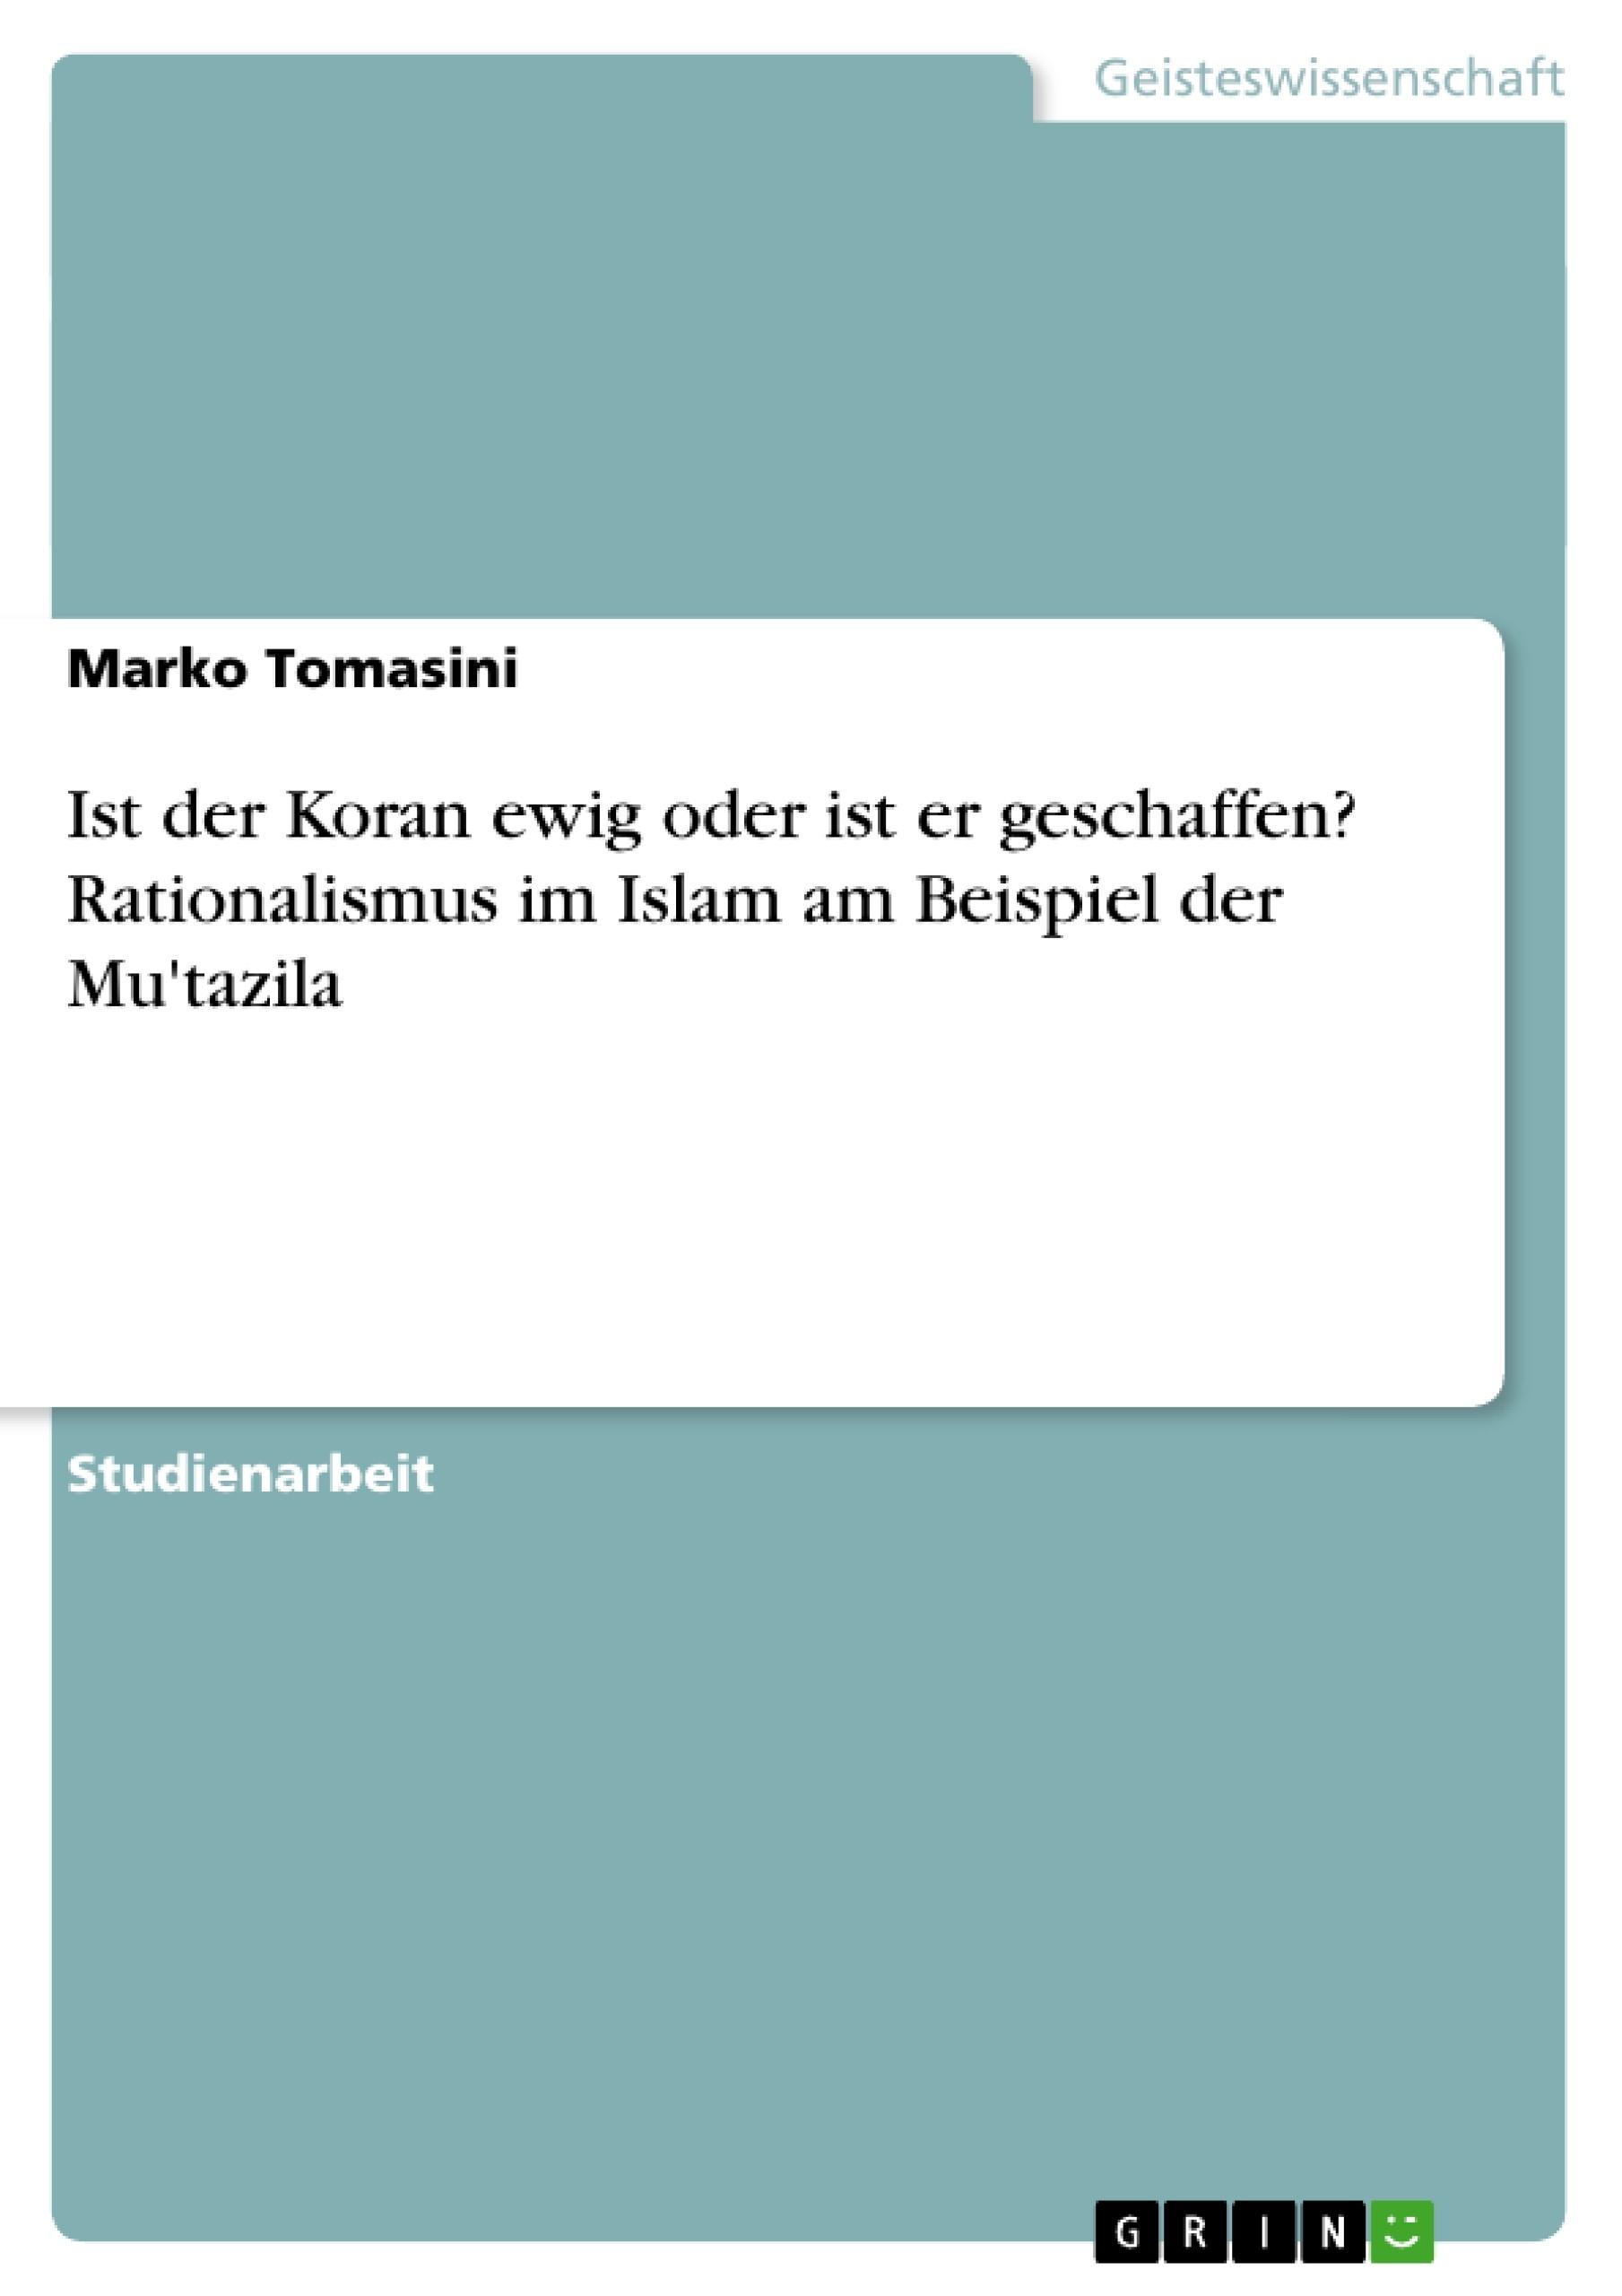 Titel: Ist der Koran ewig oder ist er geschaffen? Rationalismus im Islam am Beispiel der Mu'tazila